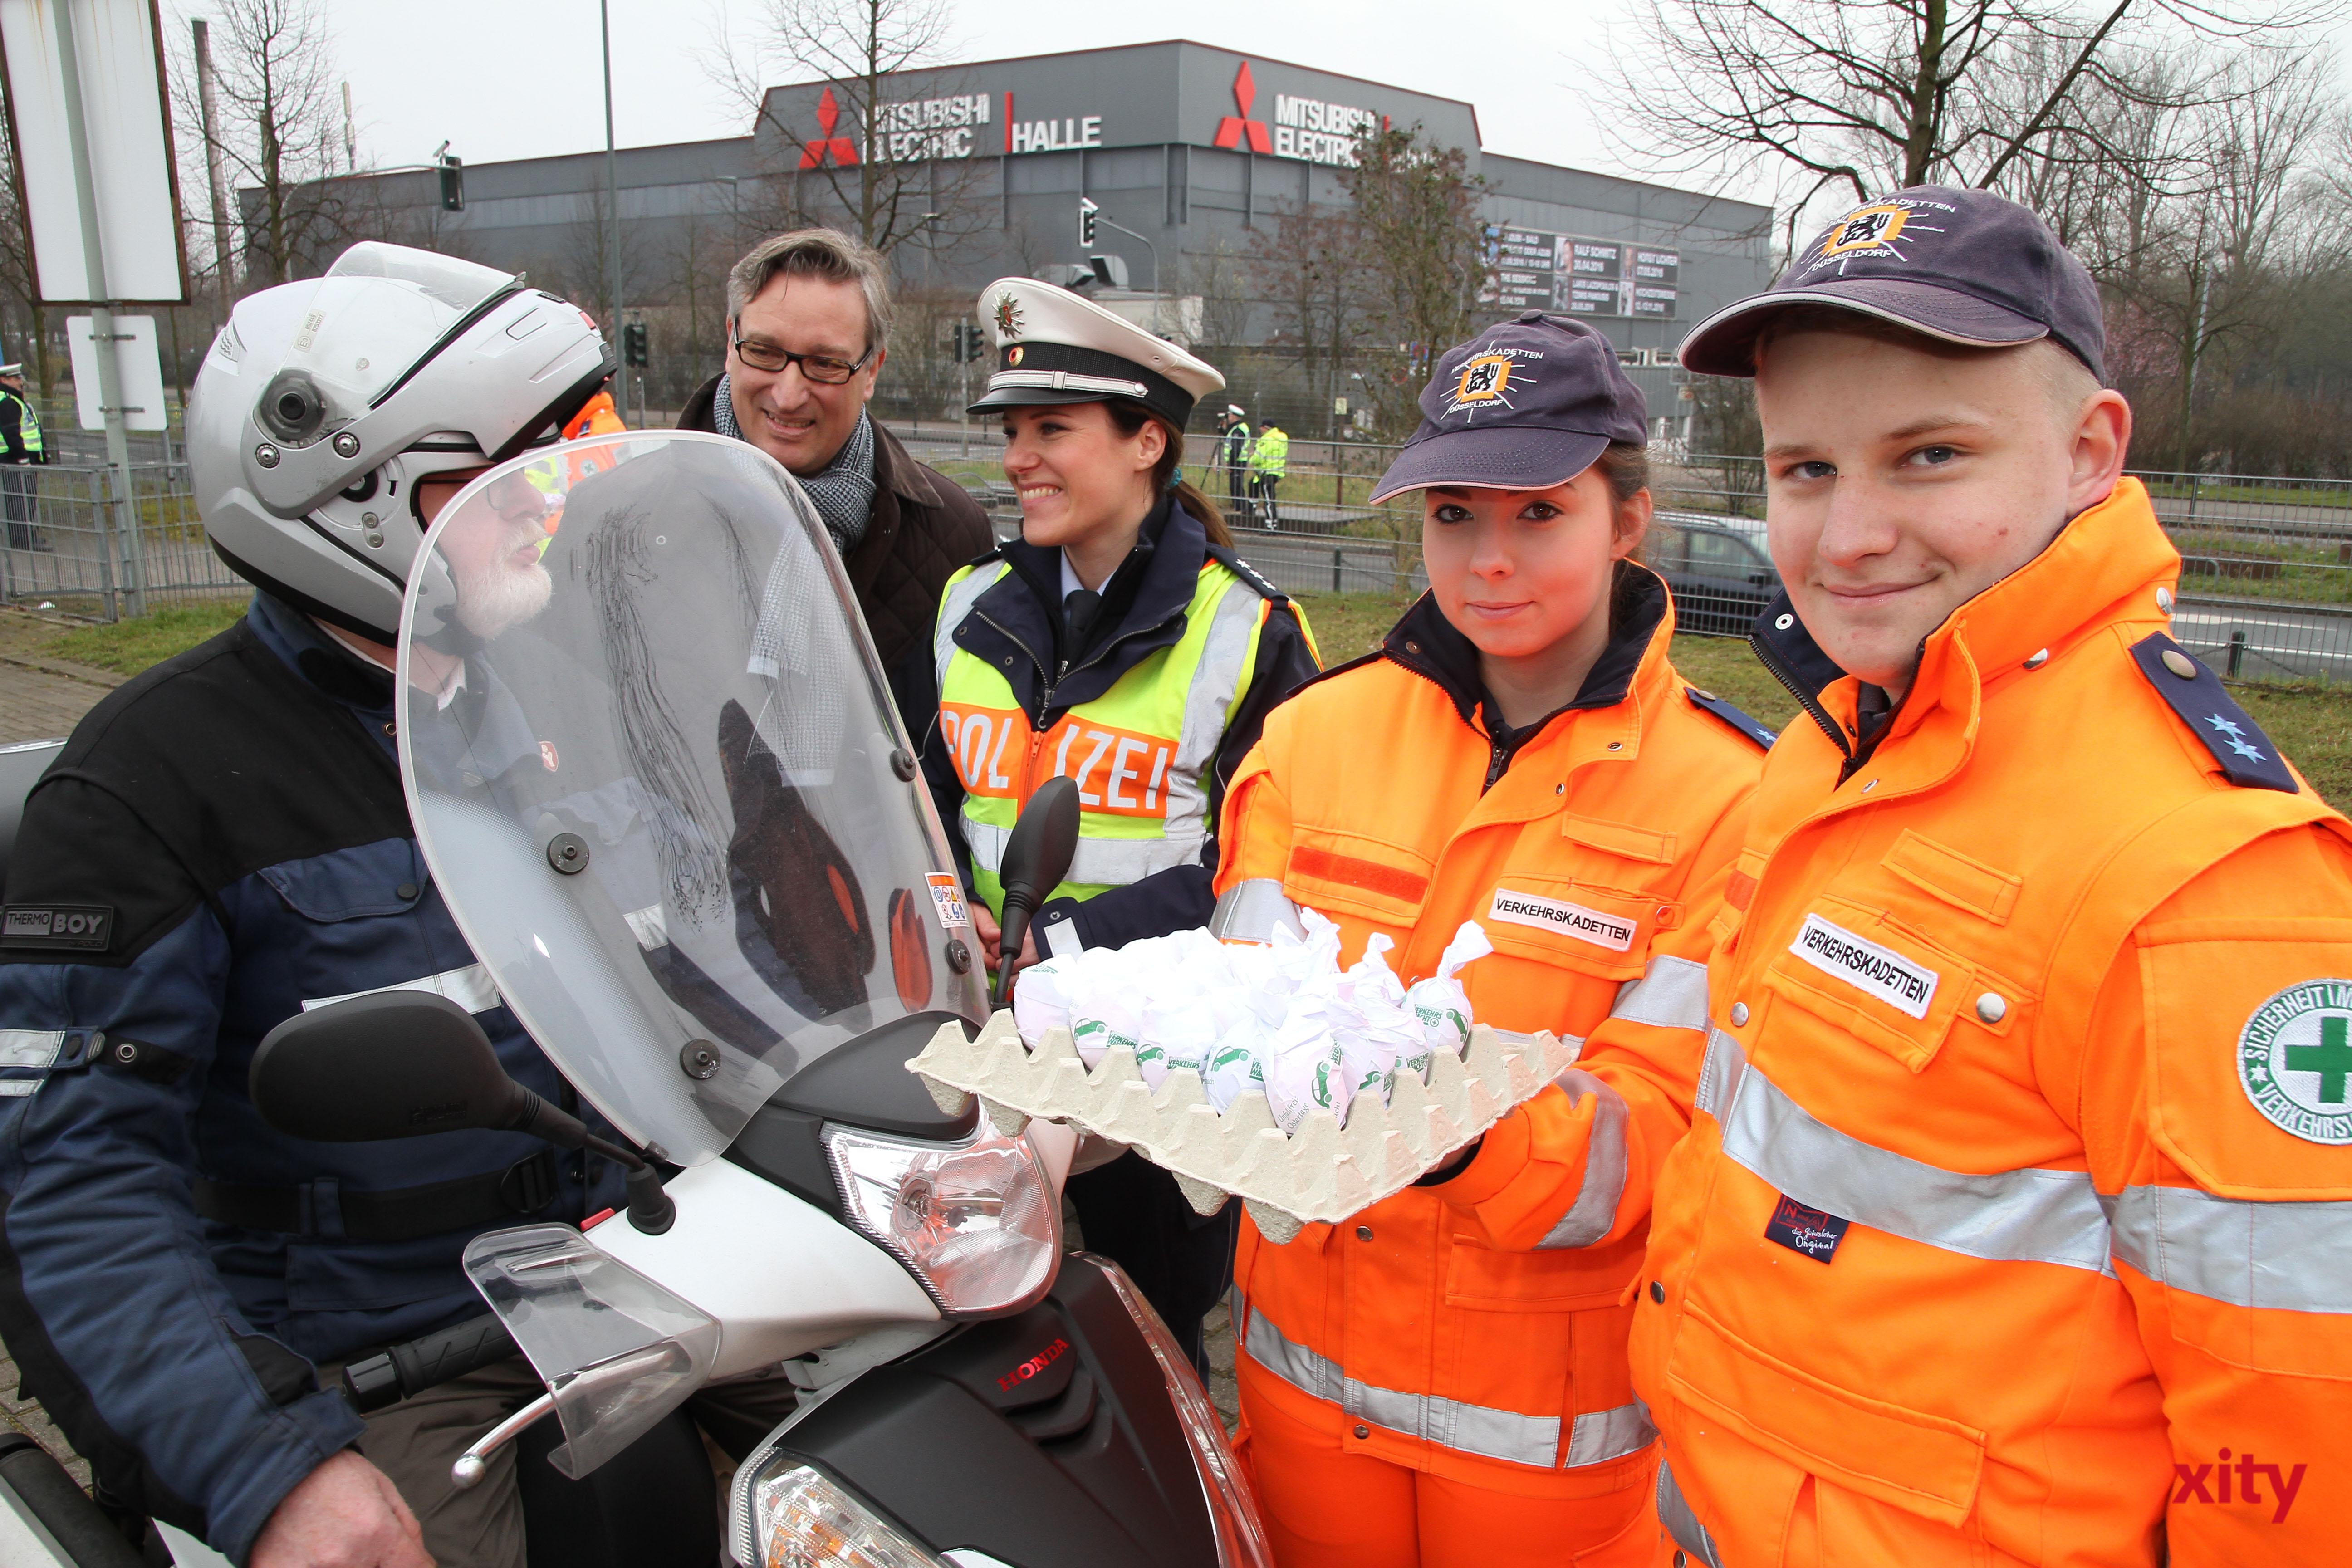 Die Verkehrswacht Düsseldorf verteilte Eier an Verkehrsteilnehmer, die sich vorbildlich im Straßenverkehr verhalten (Foto: xity)